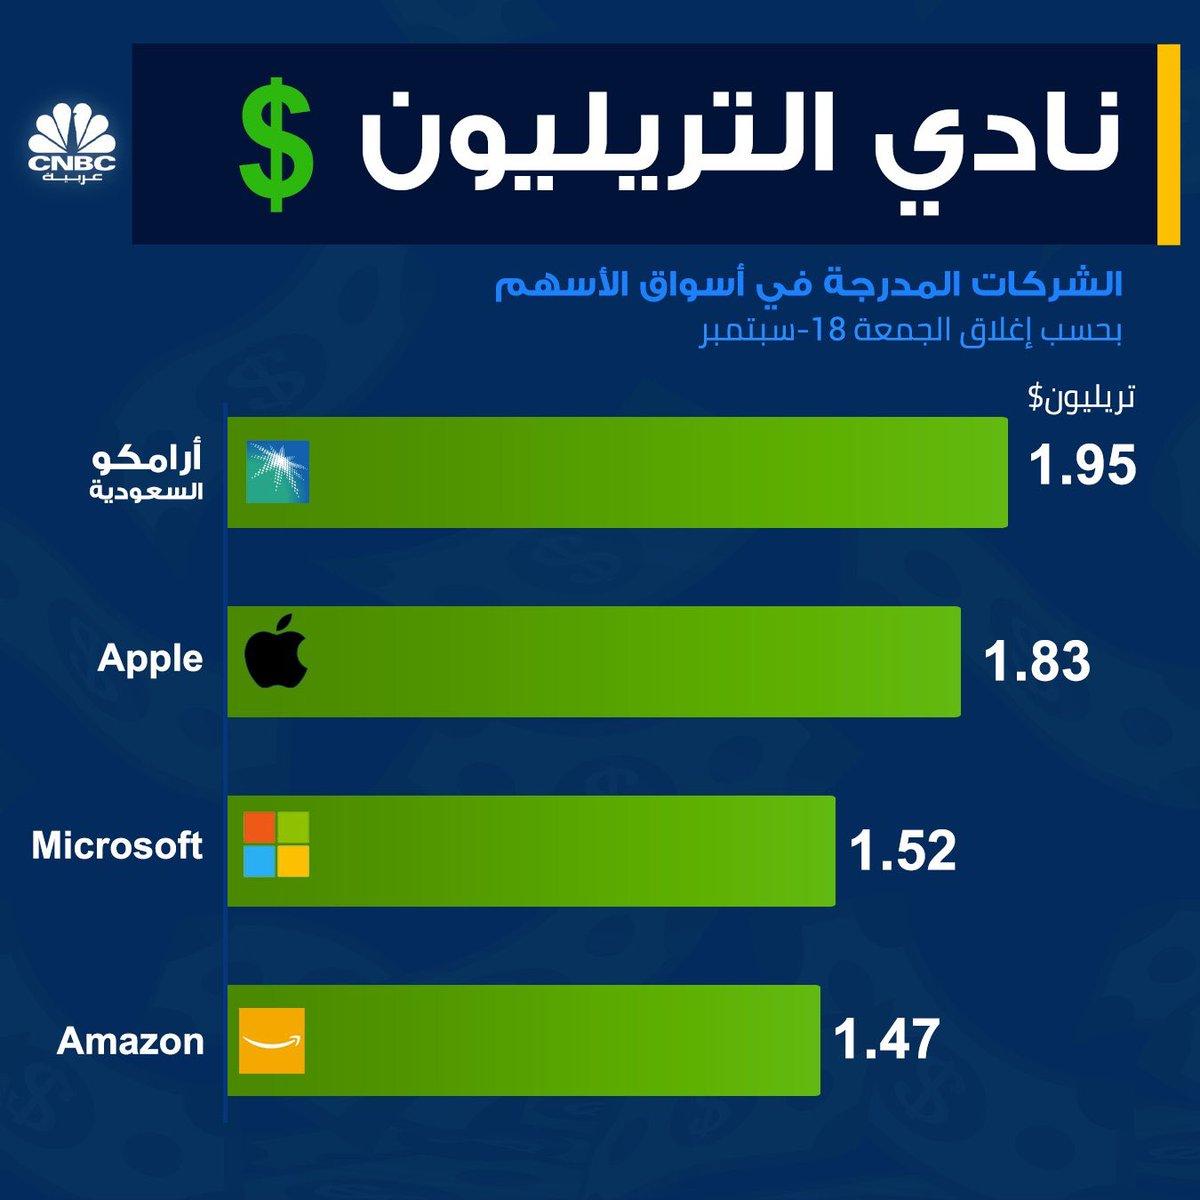 #أرامكو السعودية تطيح بشركة أبل من على عرش أكبر شركة مدرجة في العالم بعد أن فقدت الأخيرة 500 مليار دولار من قيمتها السوقية منذ بداية الشهر الجاري. https://t.co/SbqgyyRH4y